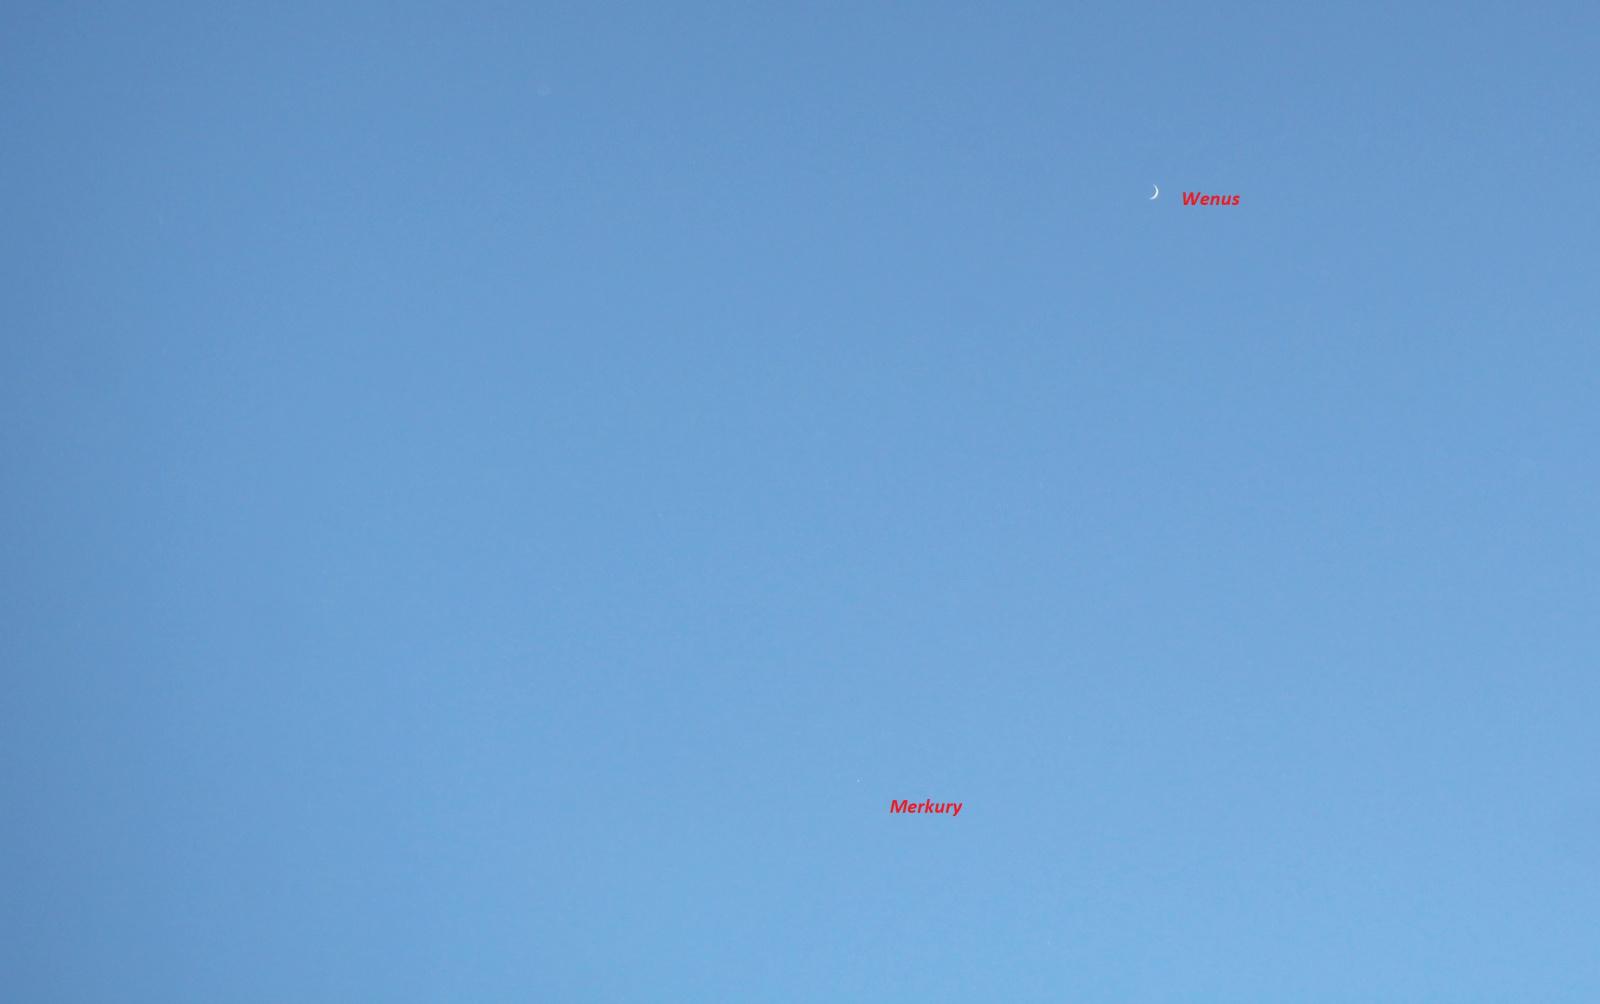 Wenus i Merkury 22.05.2020 godz1400 napisy.jpg